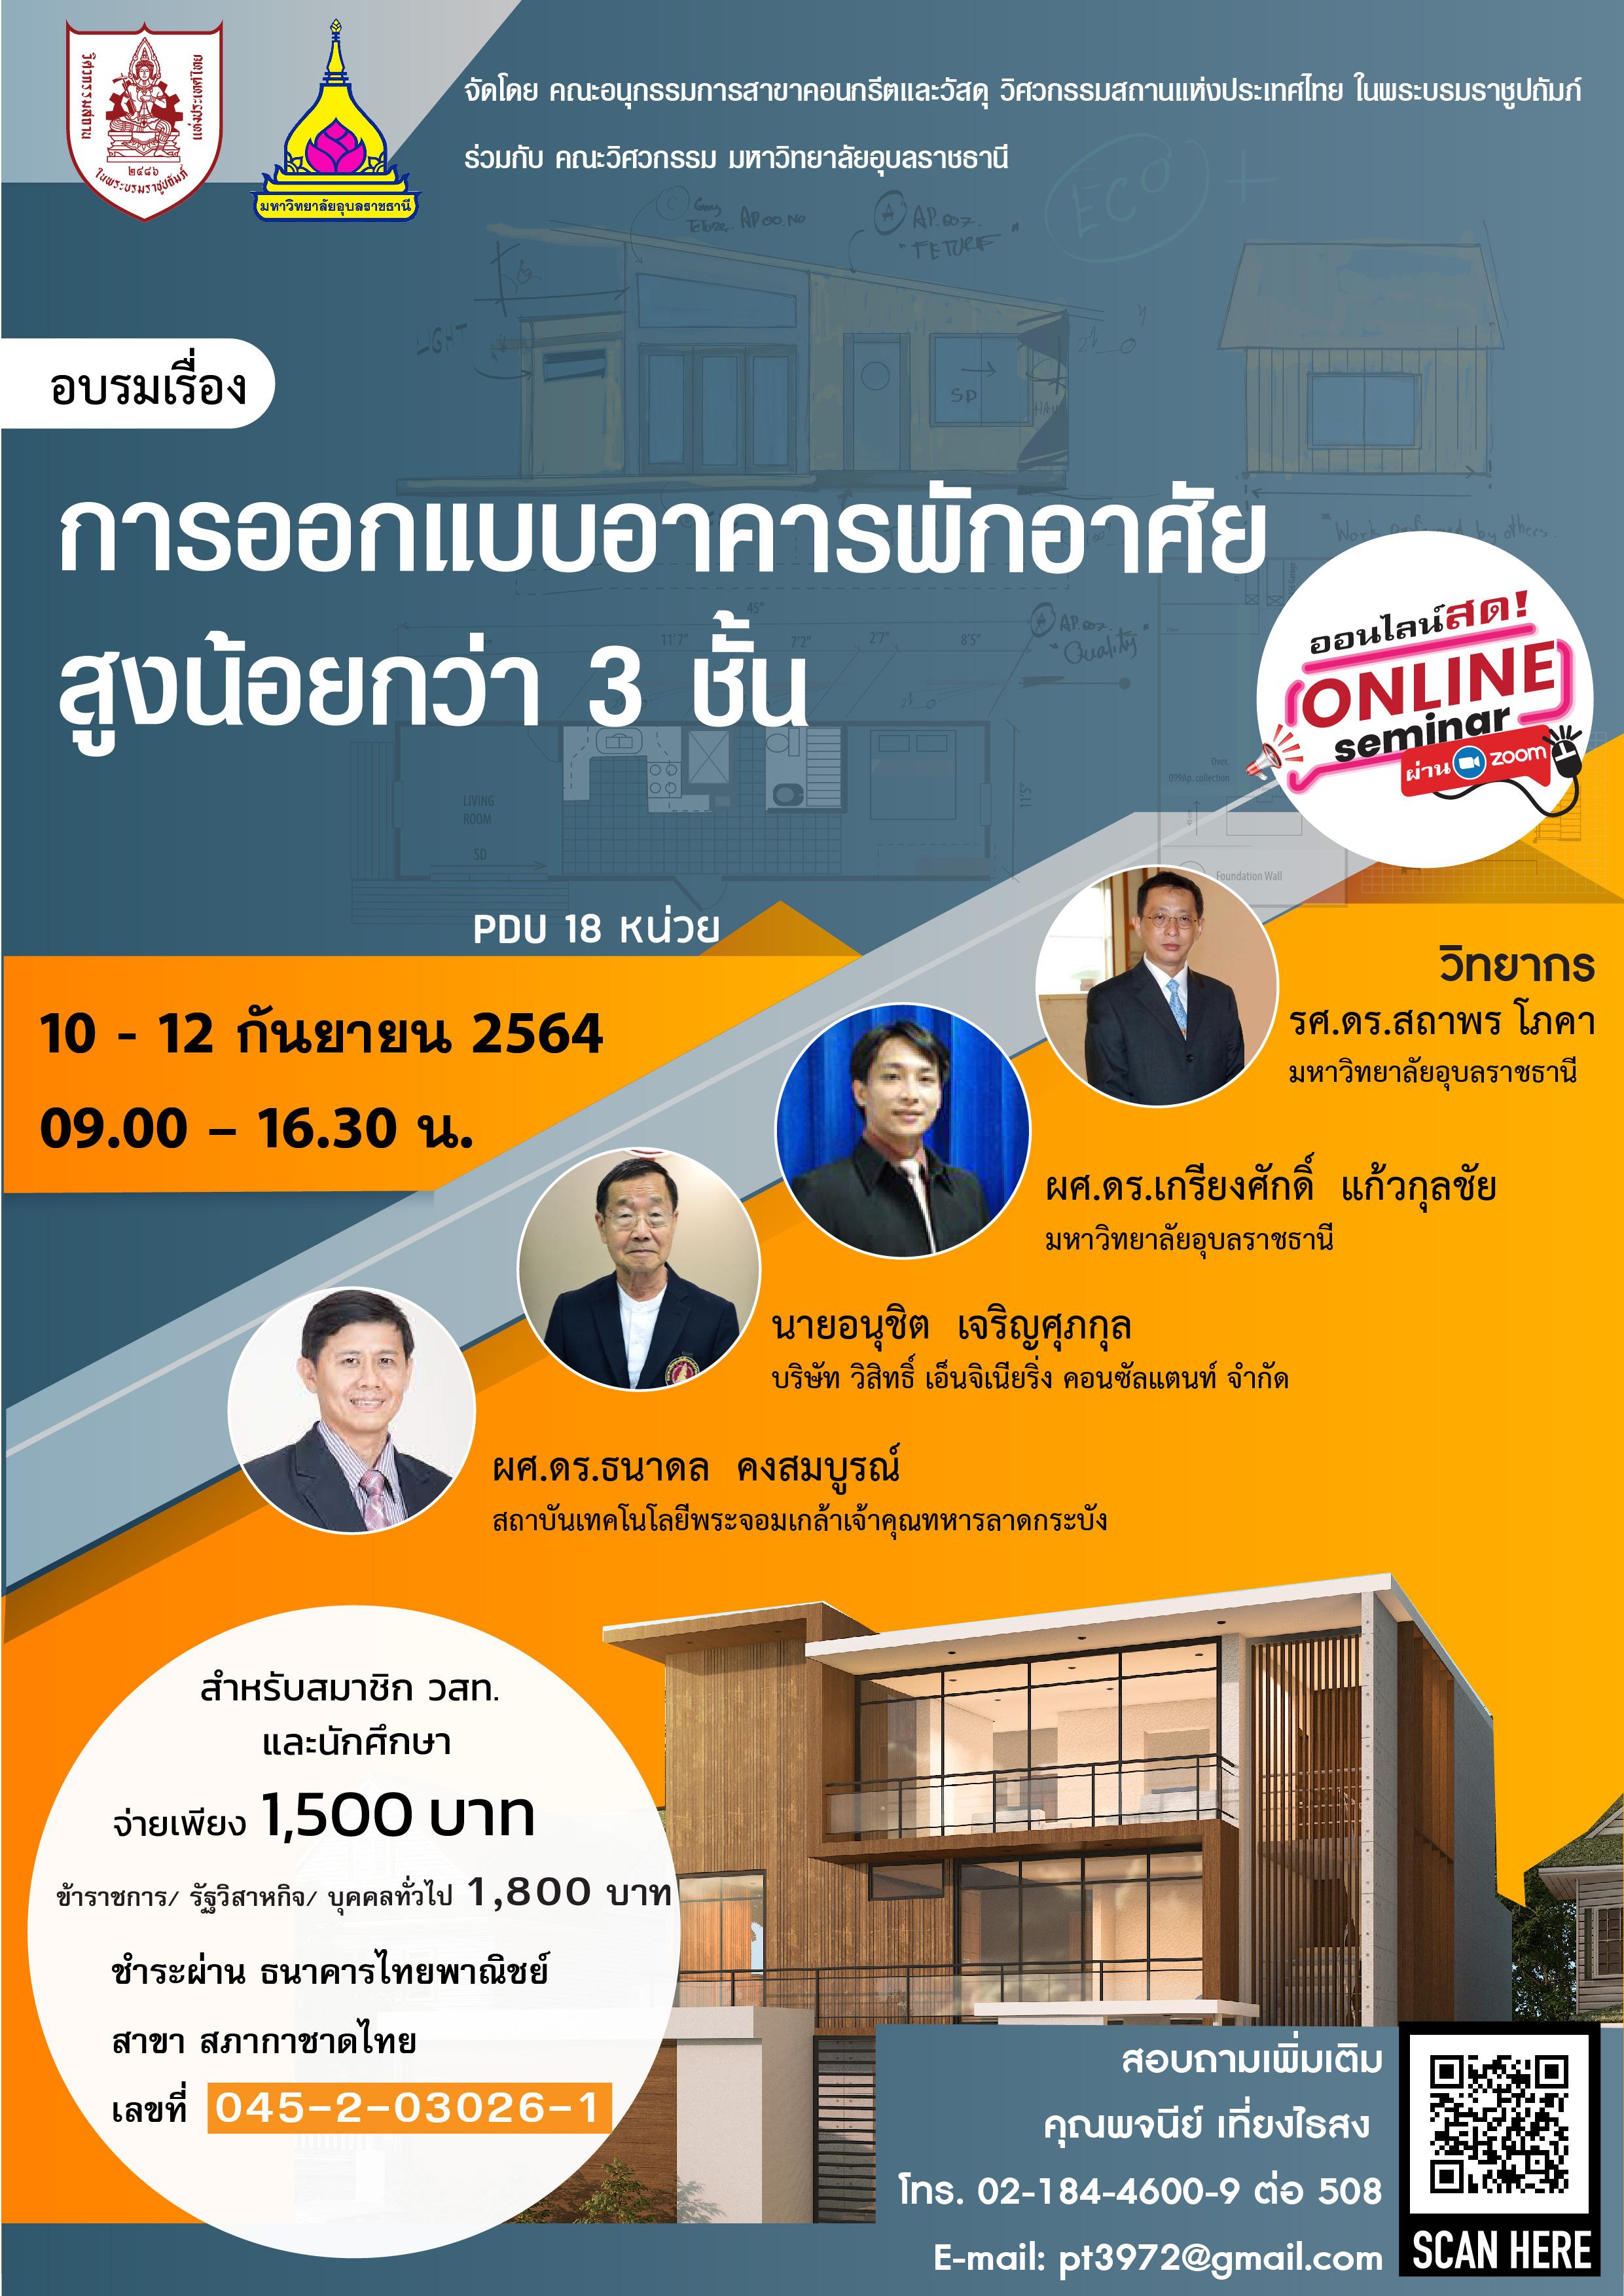 โครงการอบรมออนไลน์ การออกแบบอาคารพักอาศัยสูงน้อยกว่า 3 ชั้น (วันที่ 10-12 ก.ย. 64)